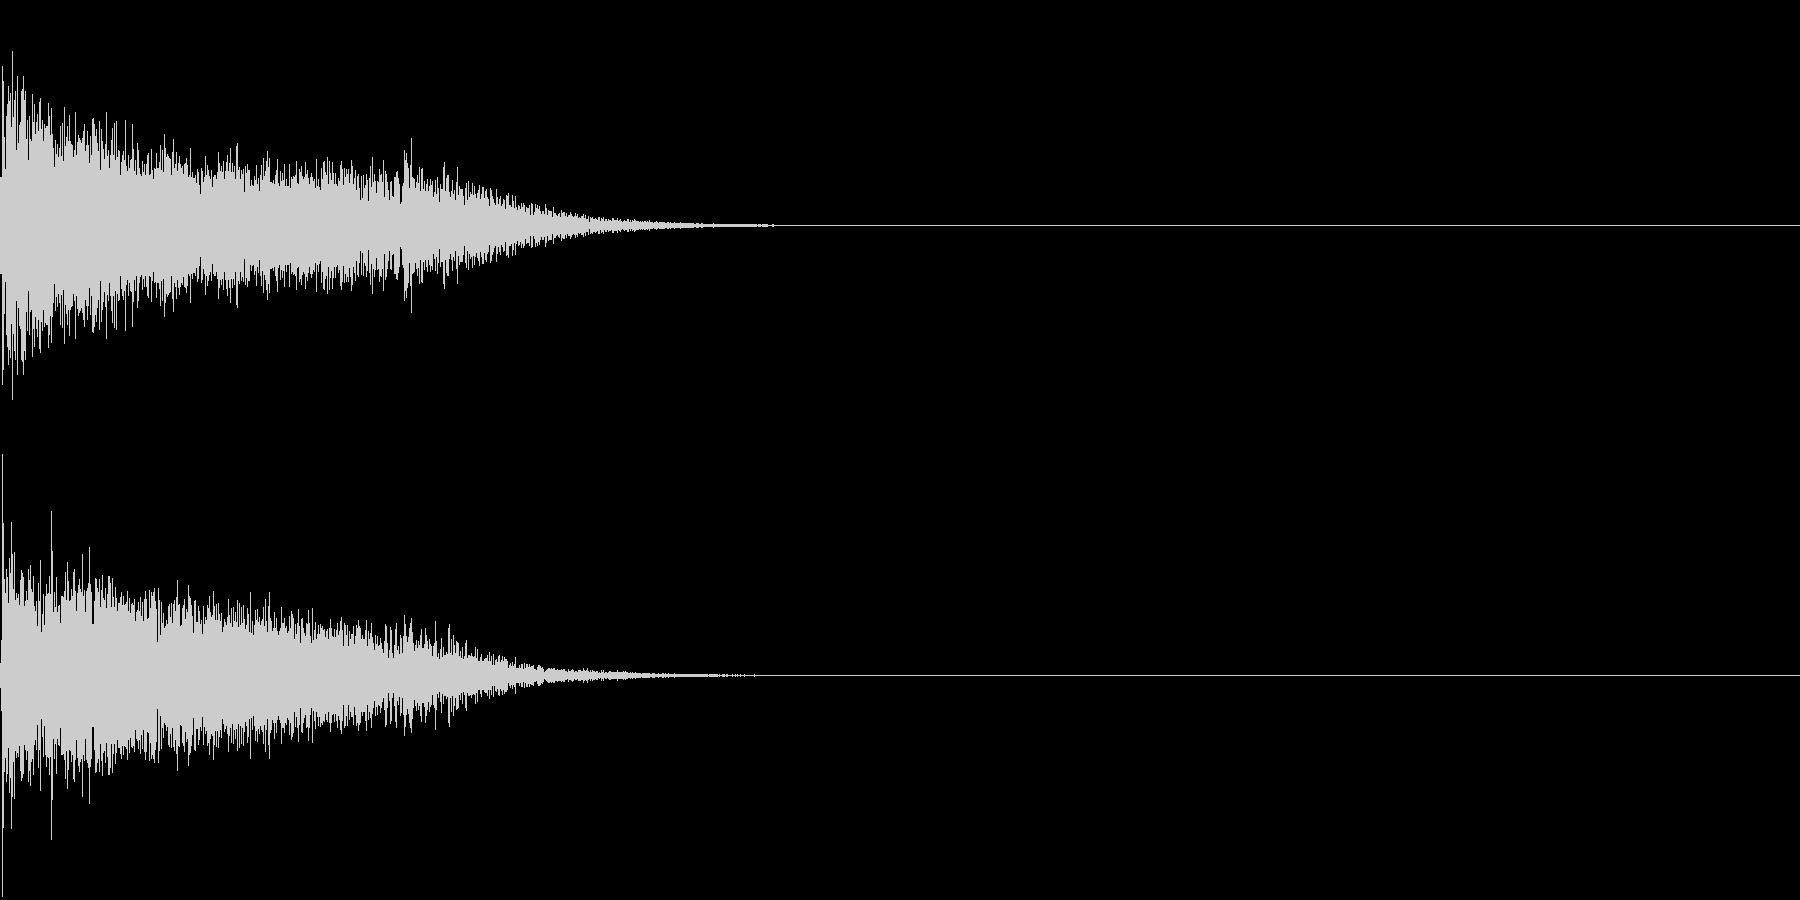 衝撃 金属音 恐怖 震撼 ホラー 03の未再生の波形